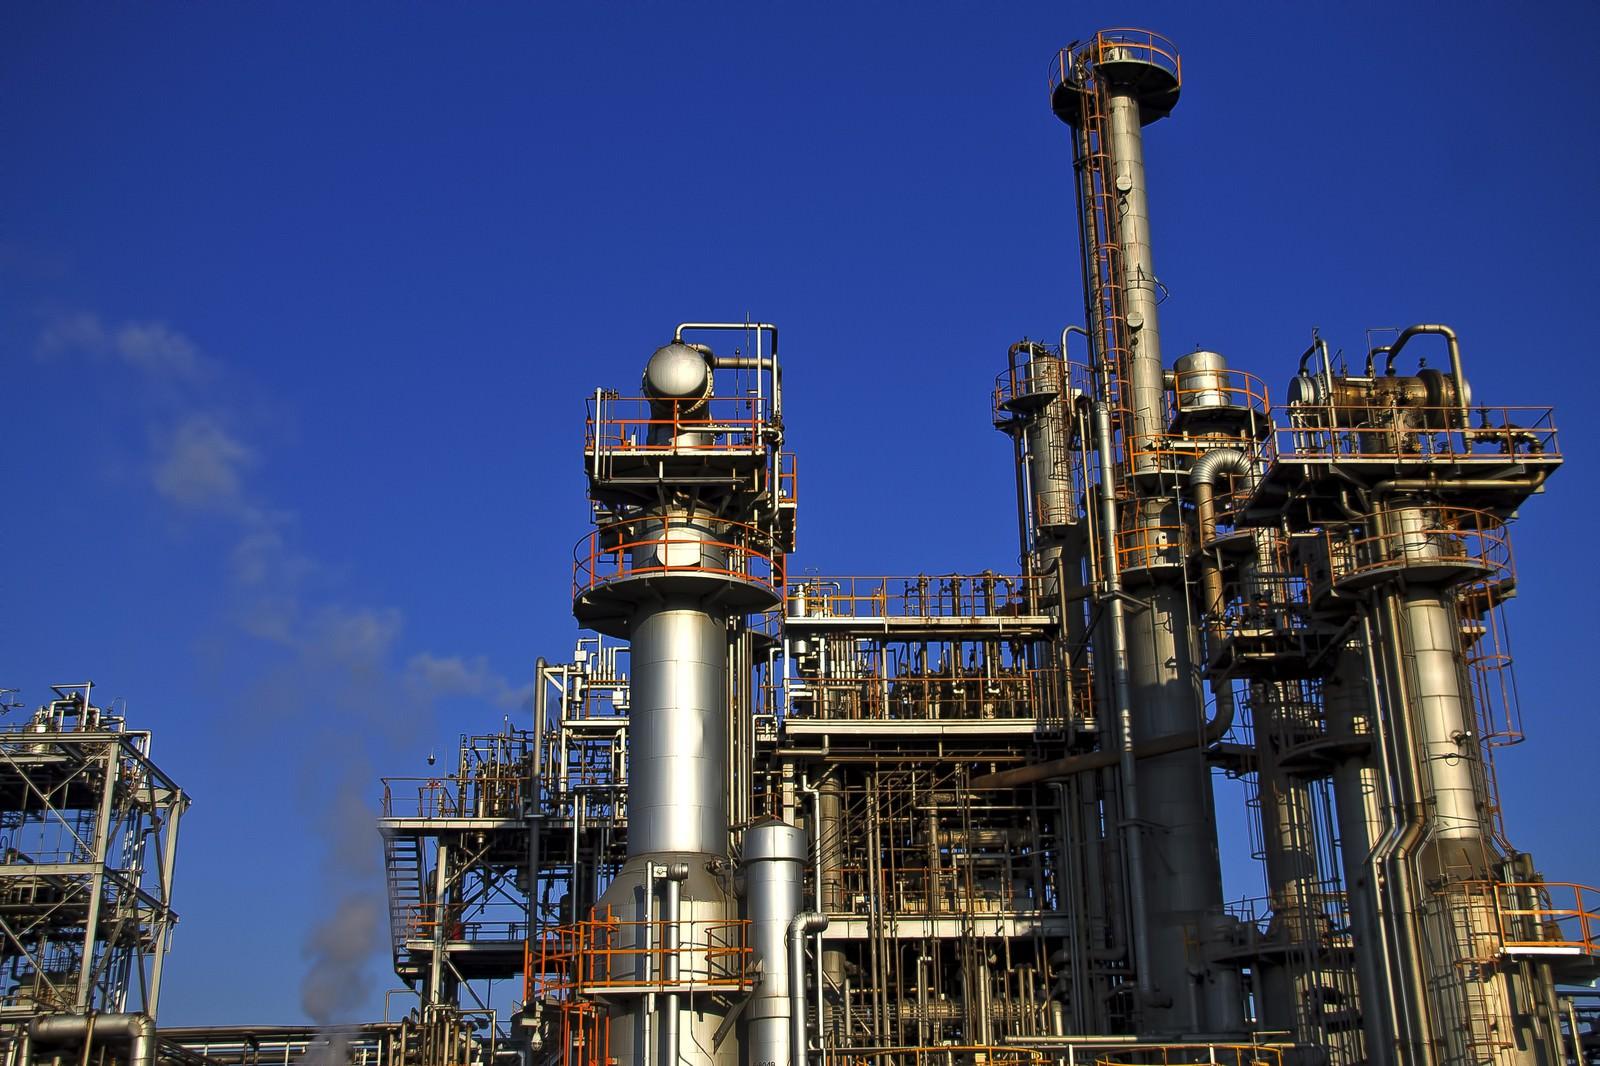 「青空と工業地帯の工場」の写真